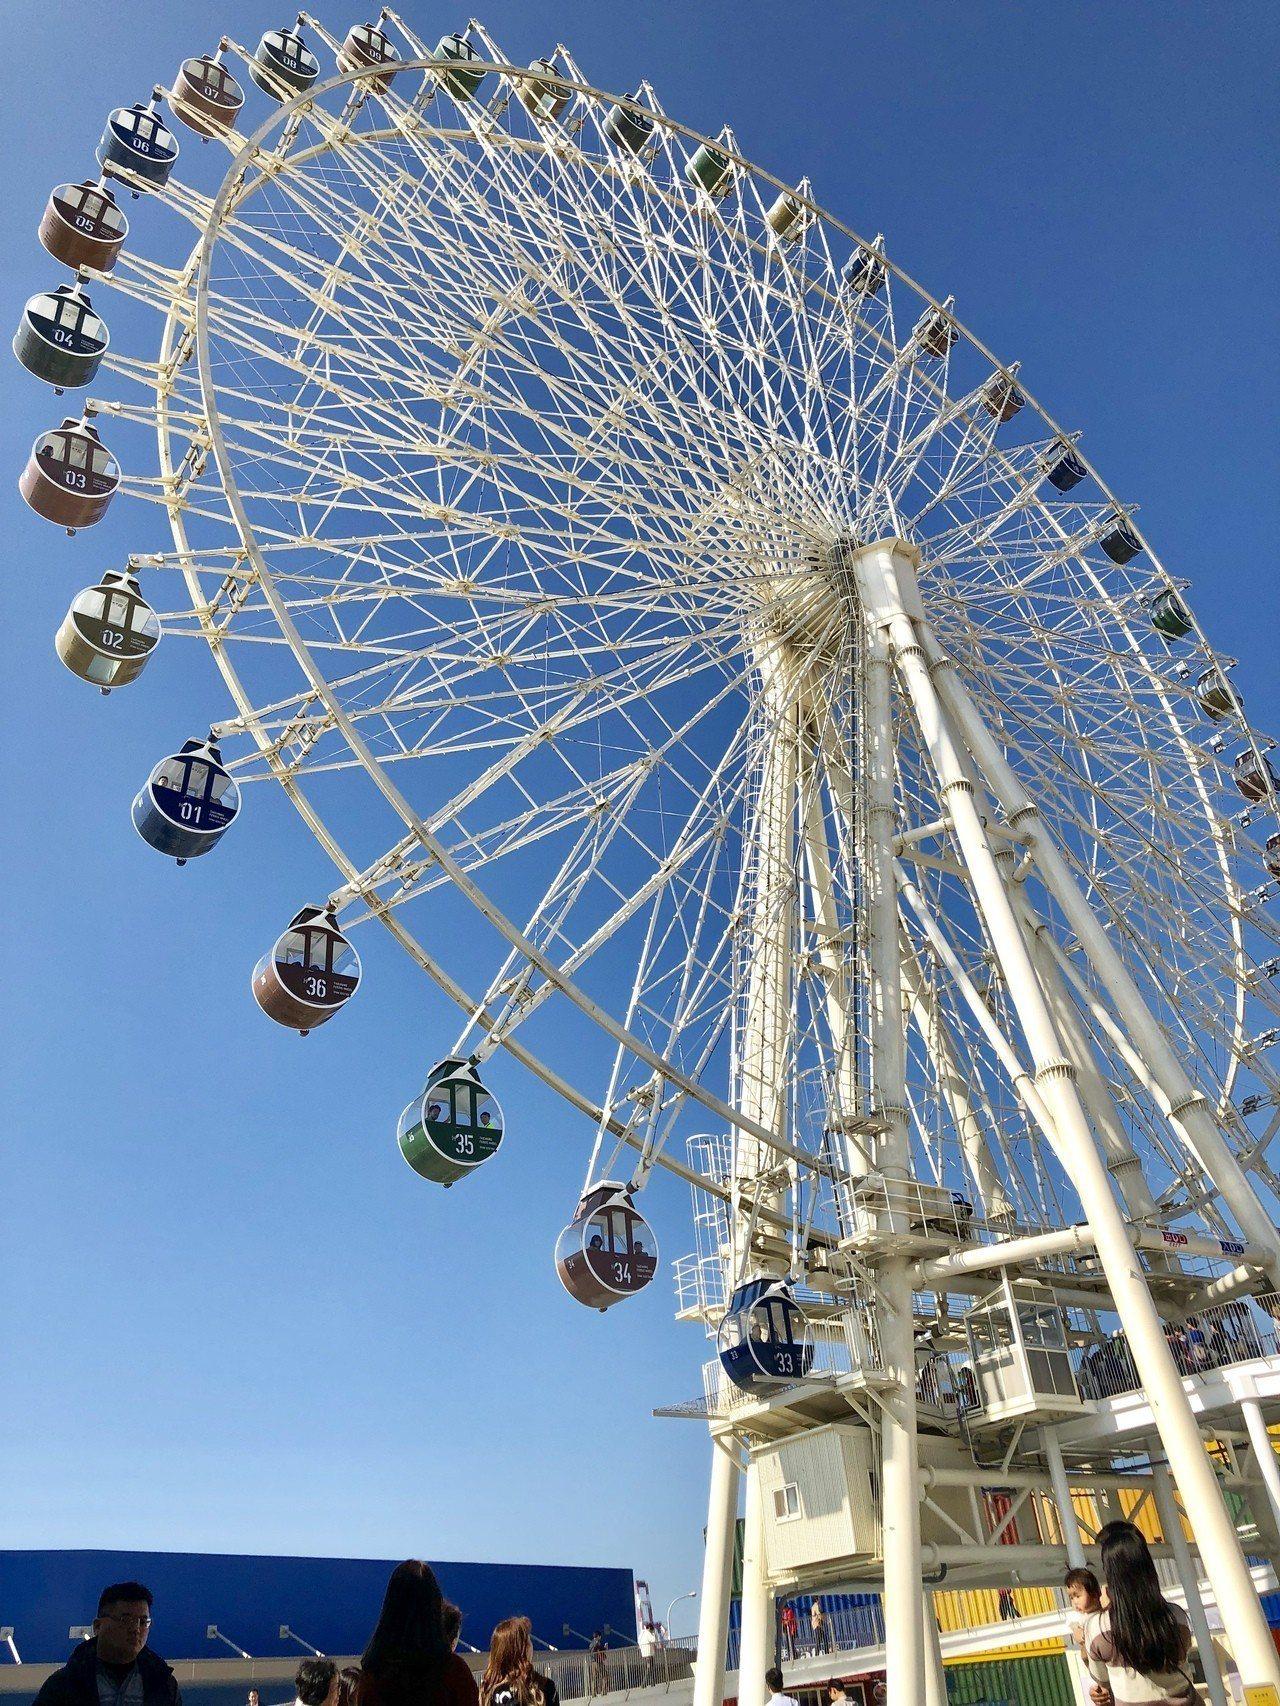 60米高的大型海港景觀摩天輪,可將海景美色盡收眼底。